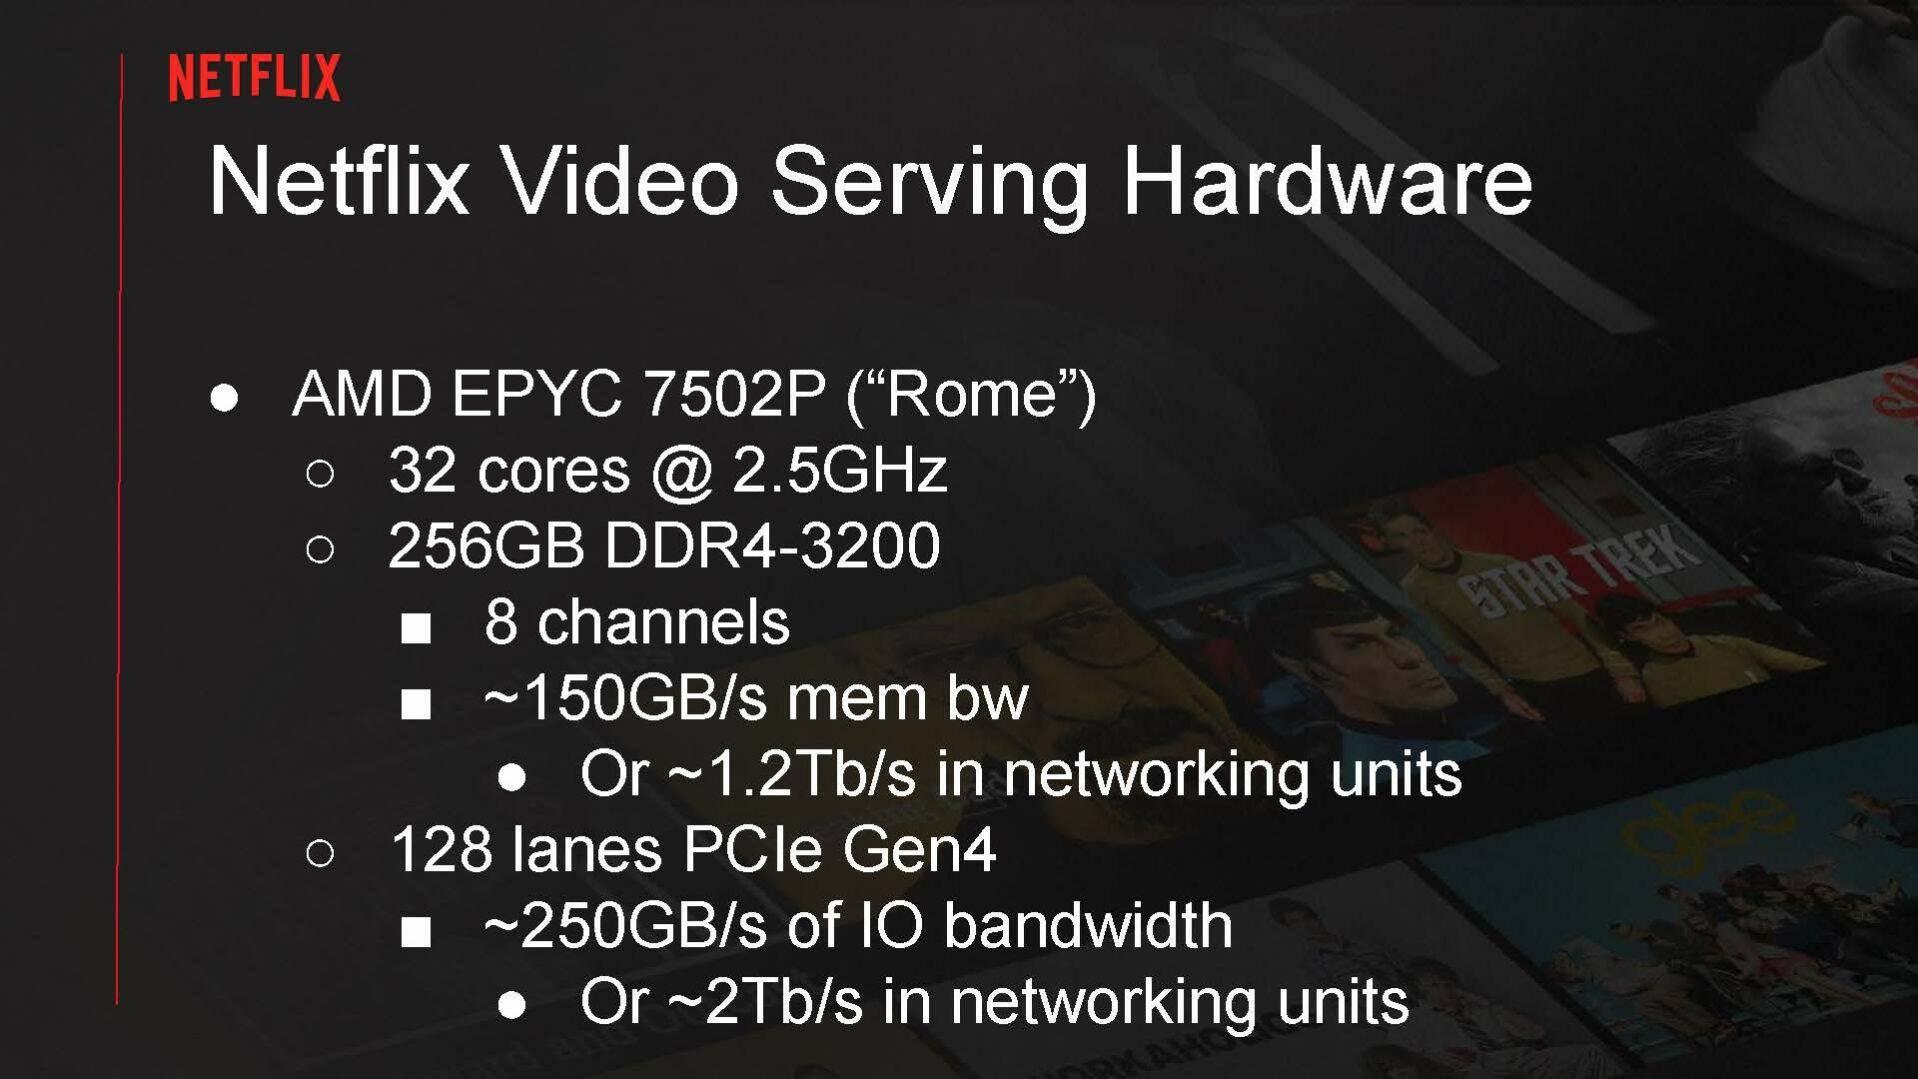 AMD EPYC Netflix